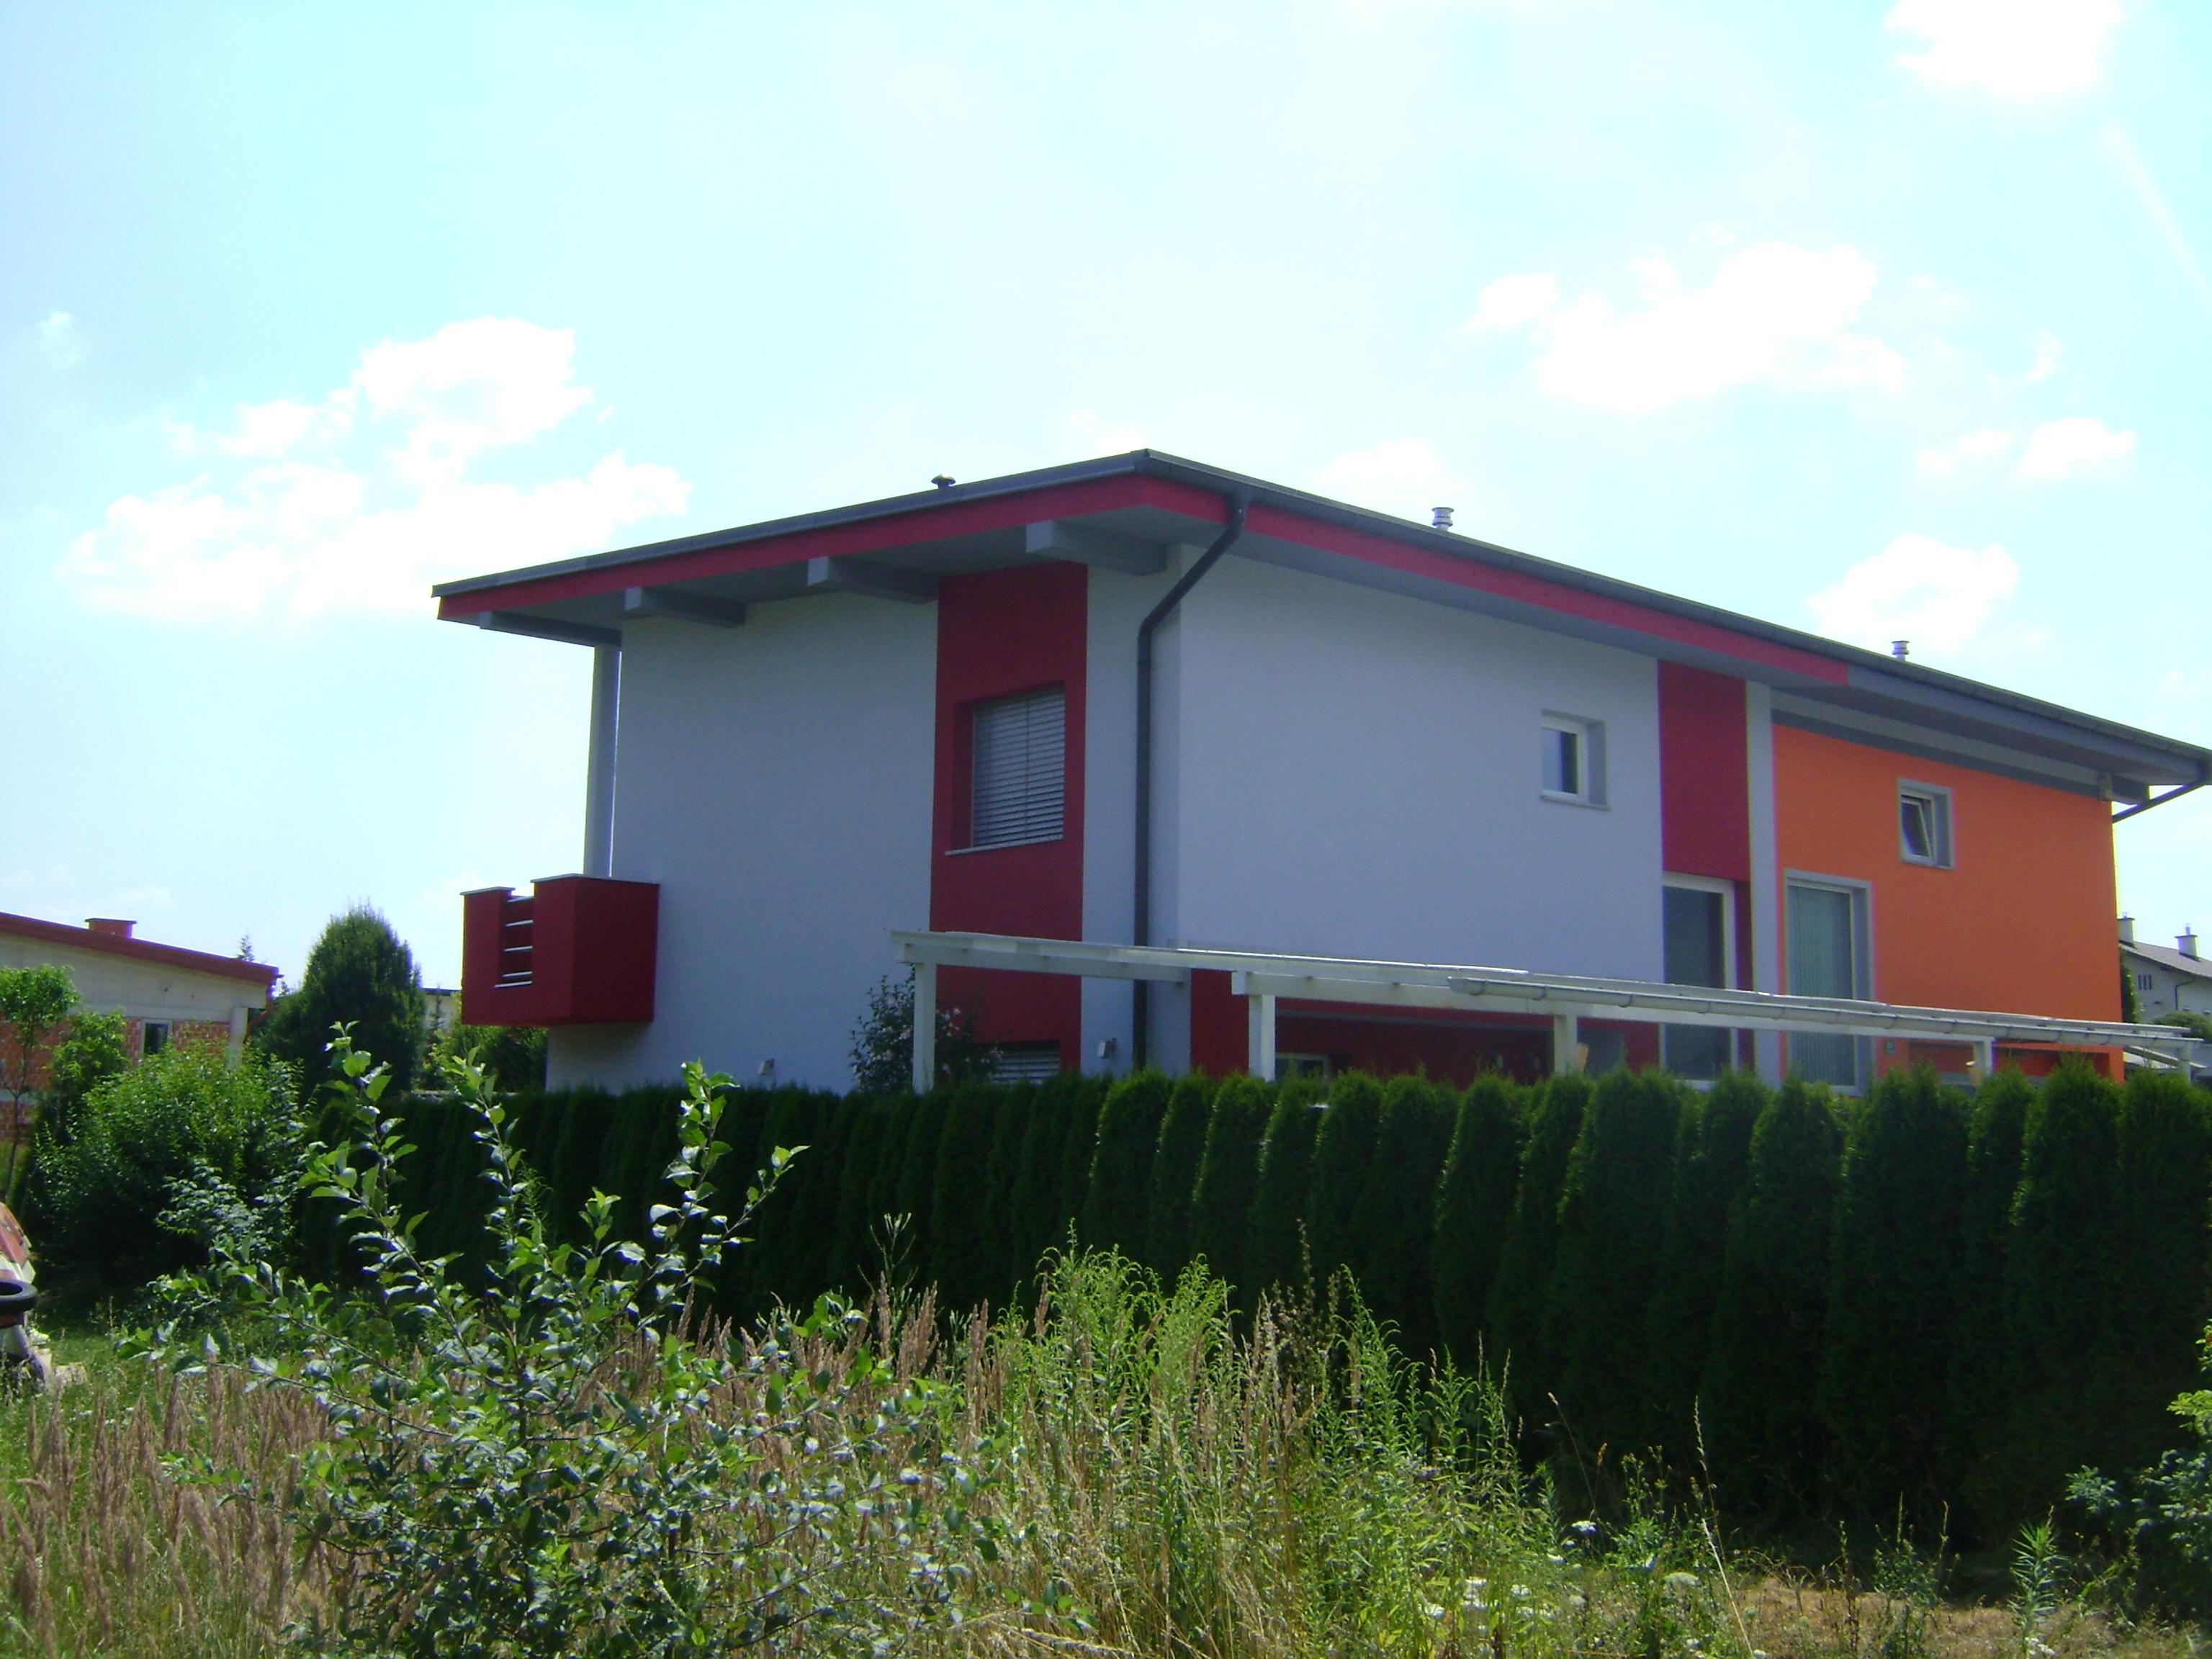 Izdelava toplotne izolacije fasade iz stiroporja (ekspandiran polistiren) na obstoječo fasado iz stiroporja